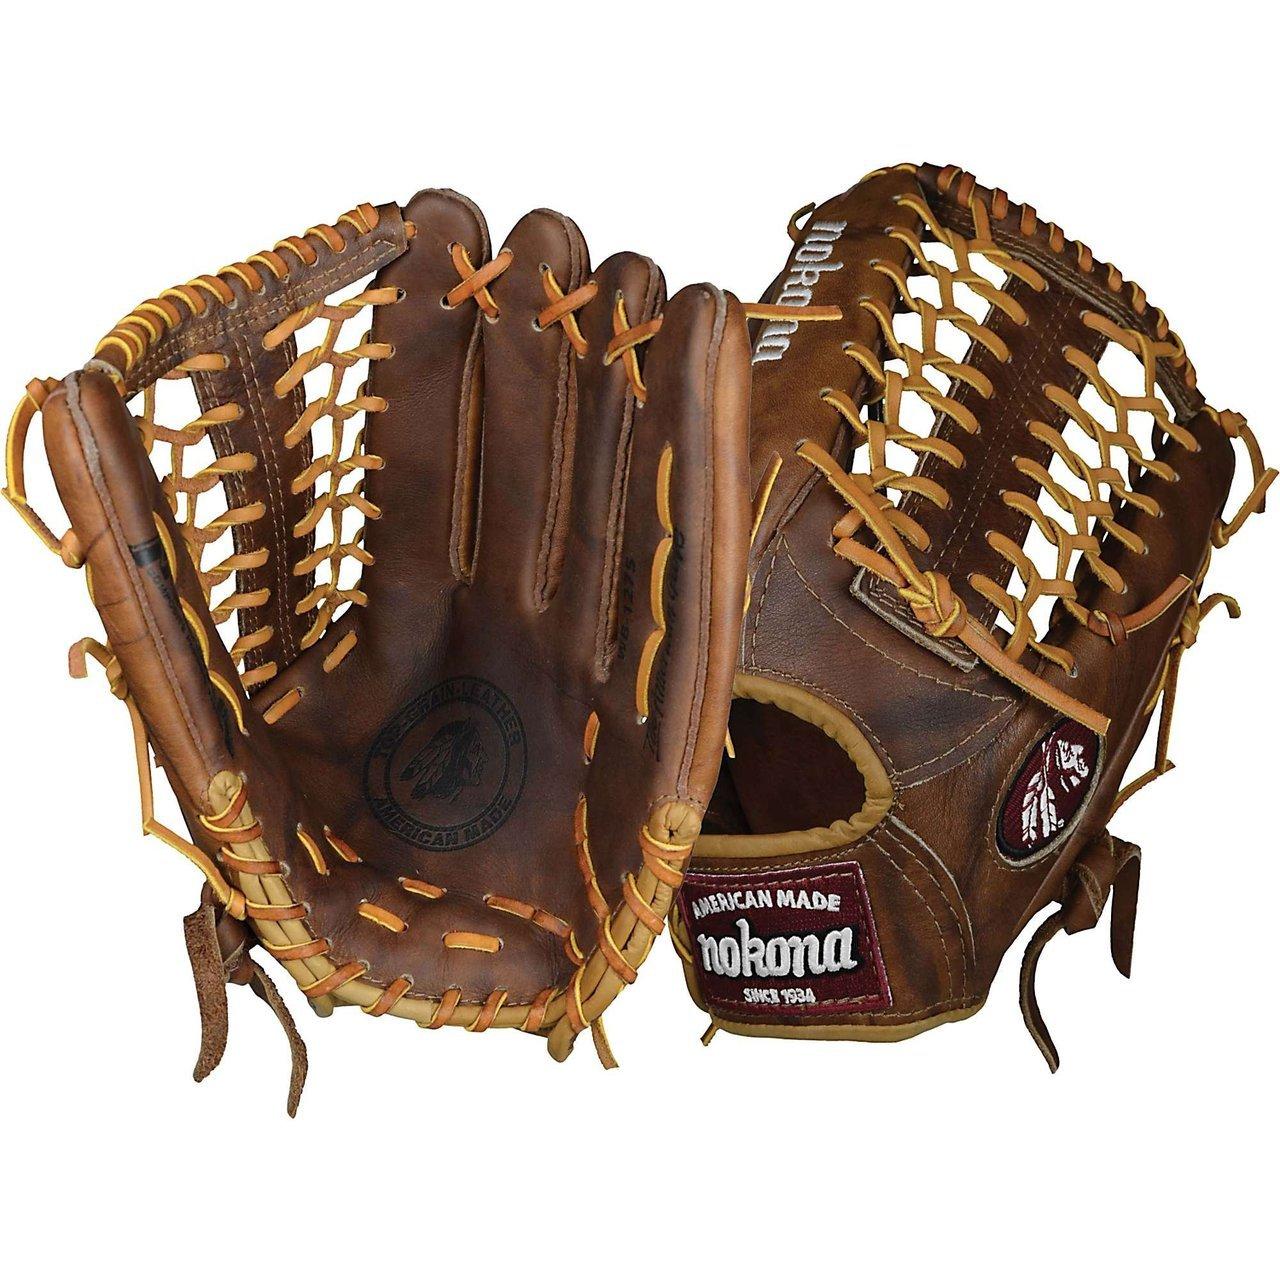 nokona glove wb1275m